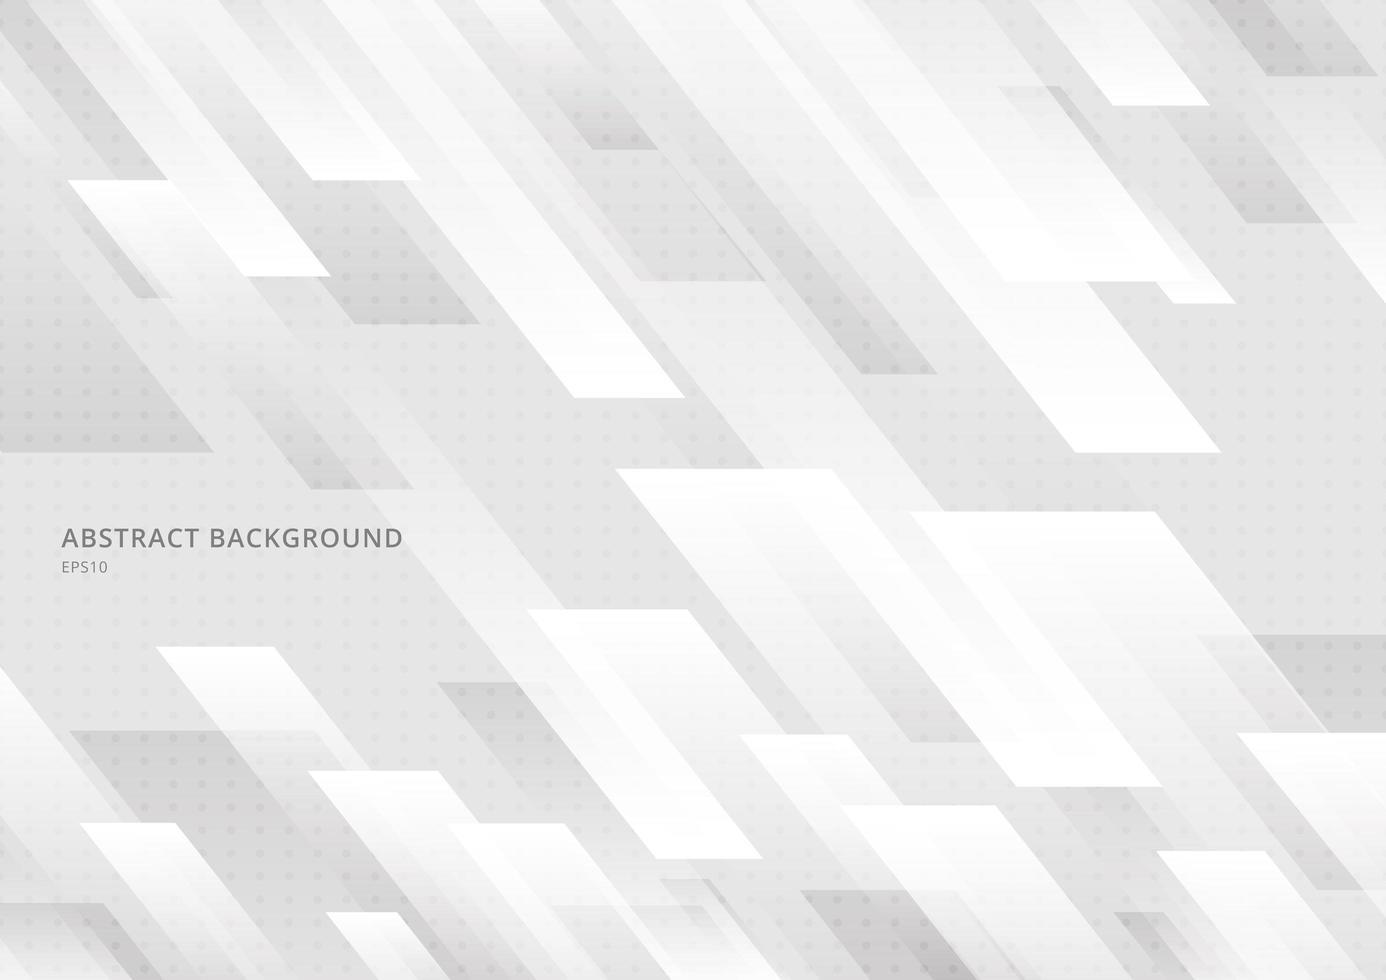 abstrakte moderne Form weiße und graue geometrische Diagonale. vektor